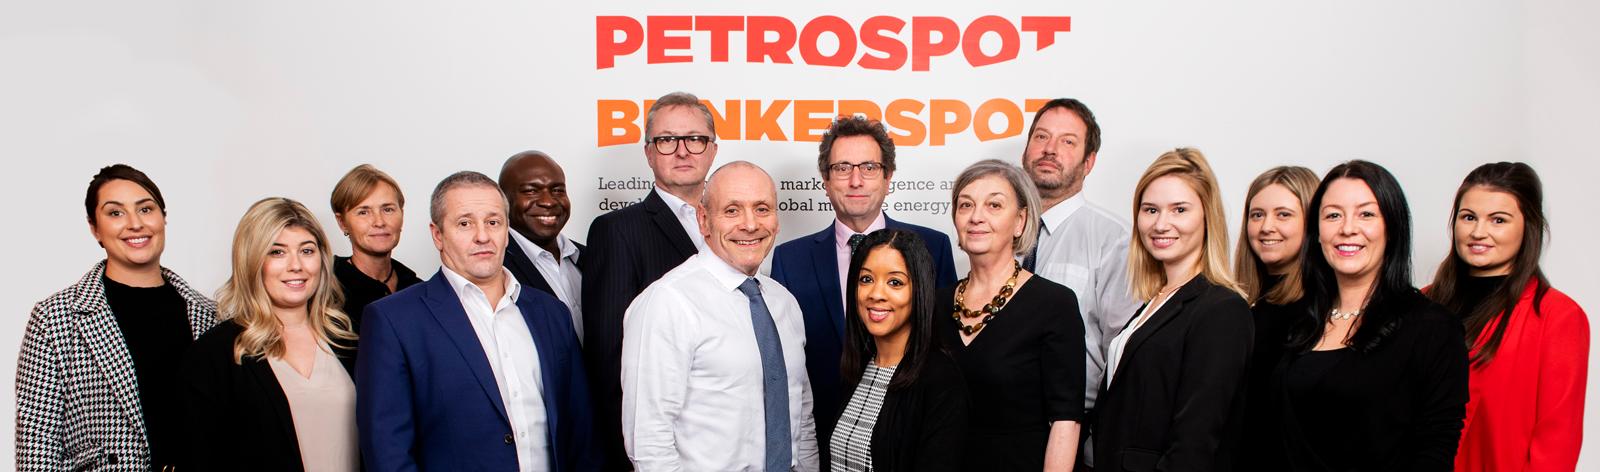 Petrospot team